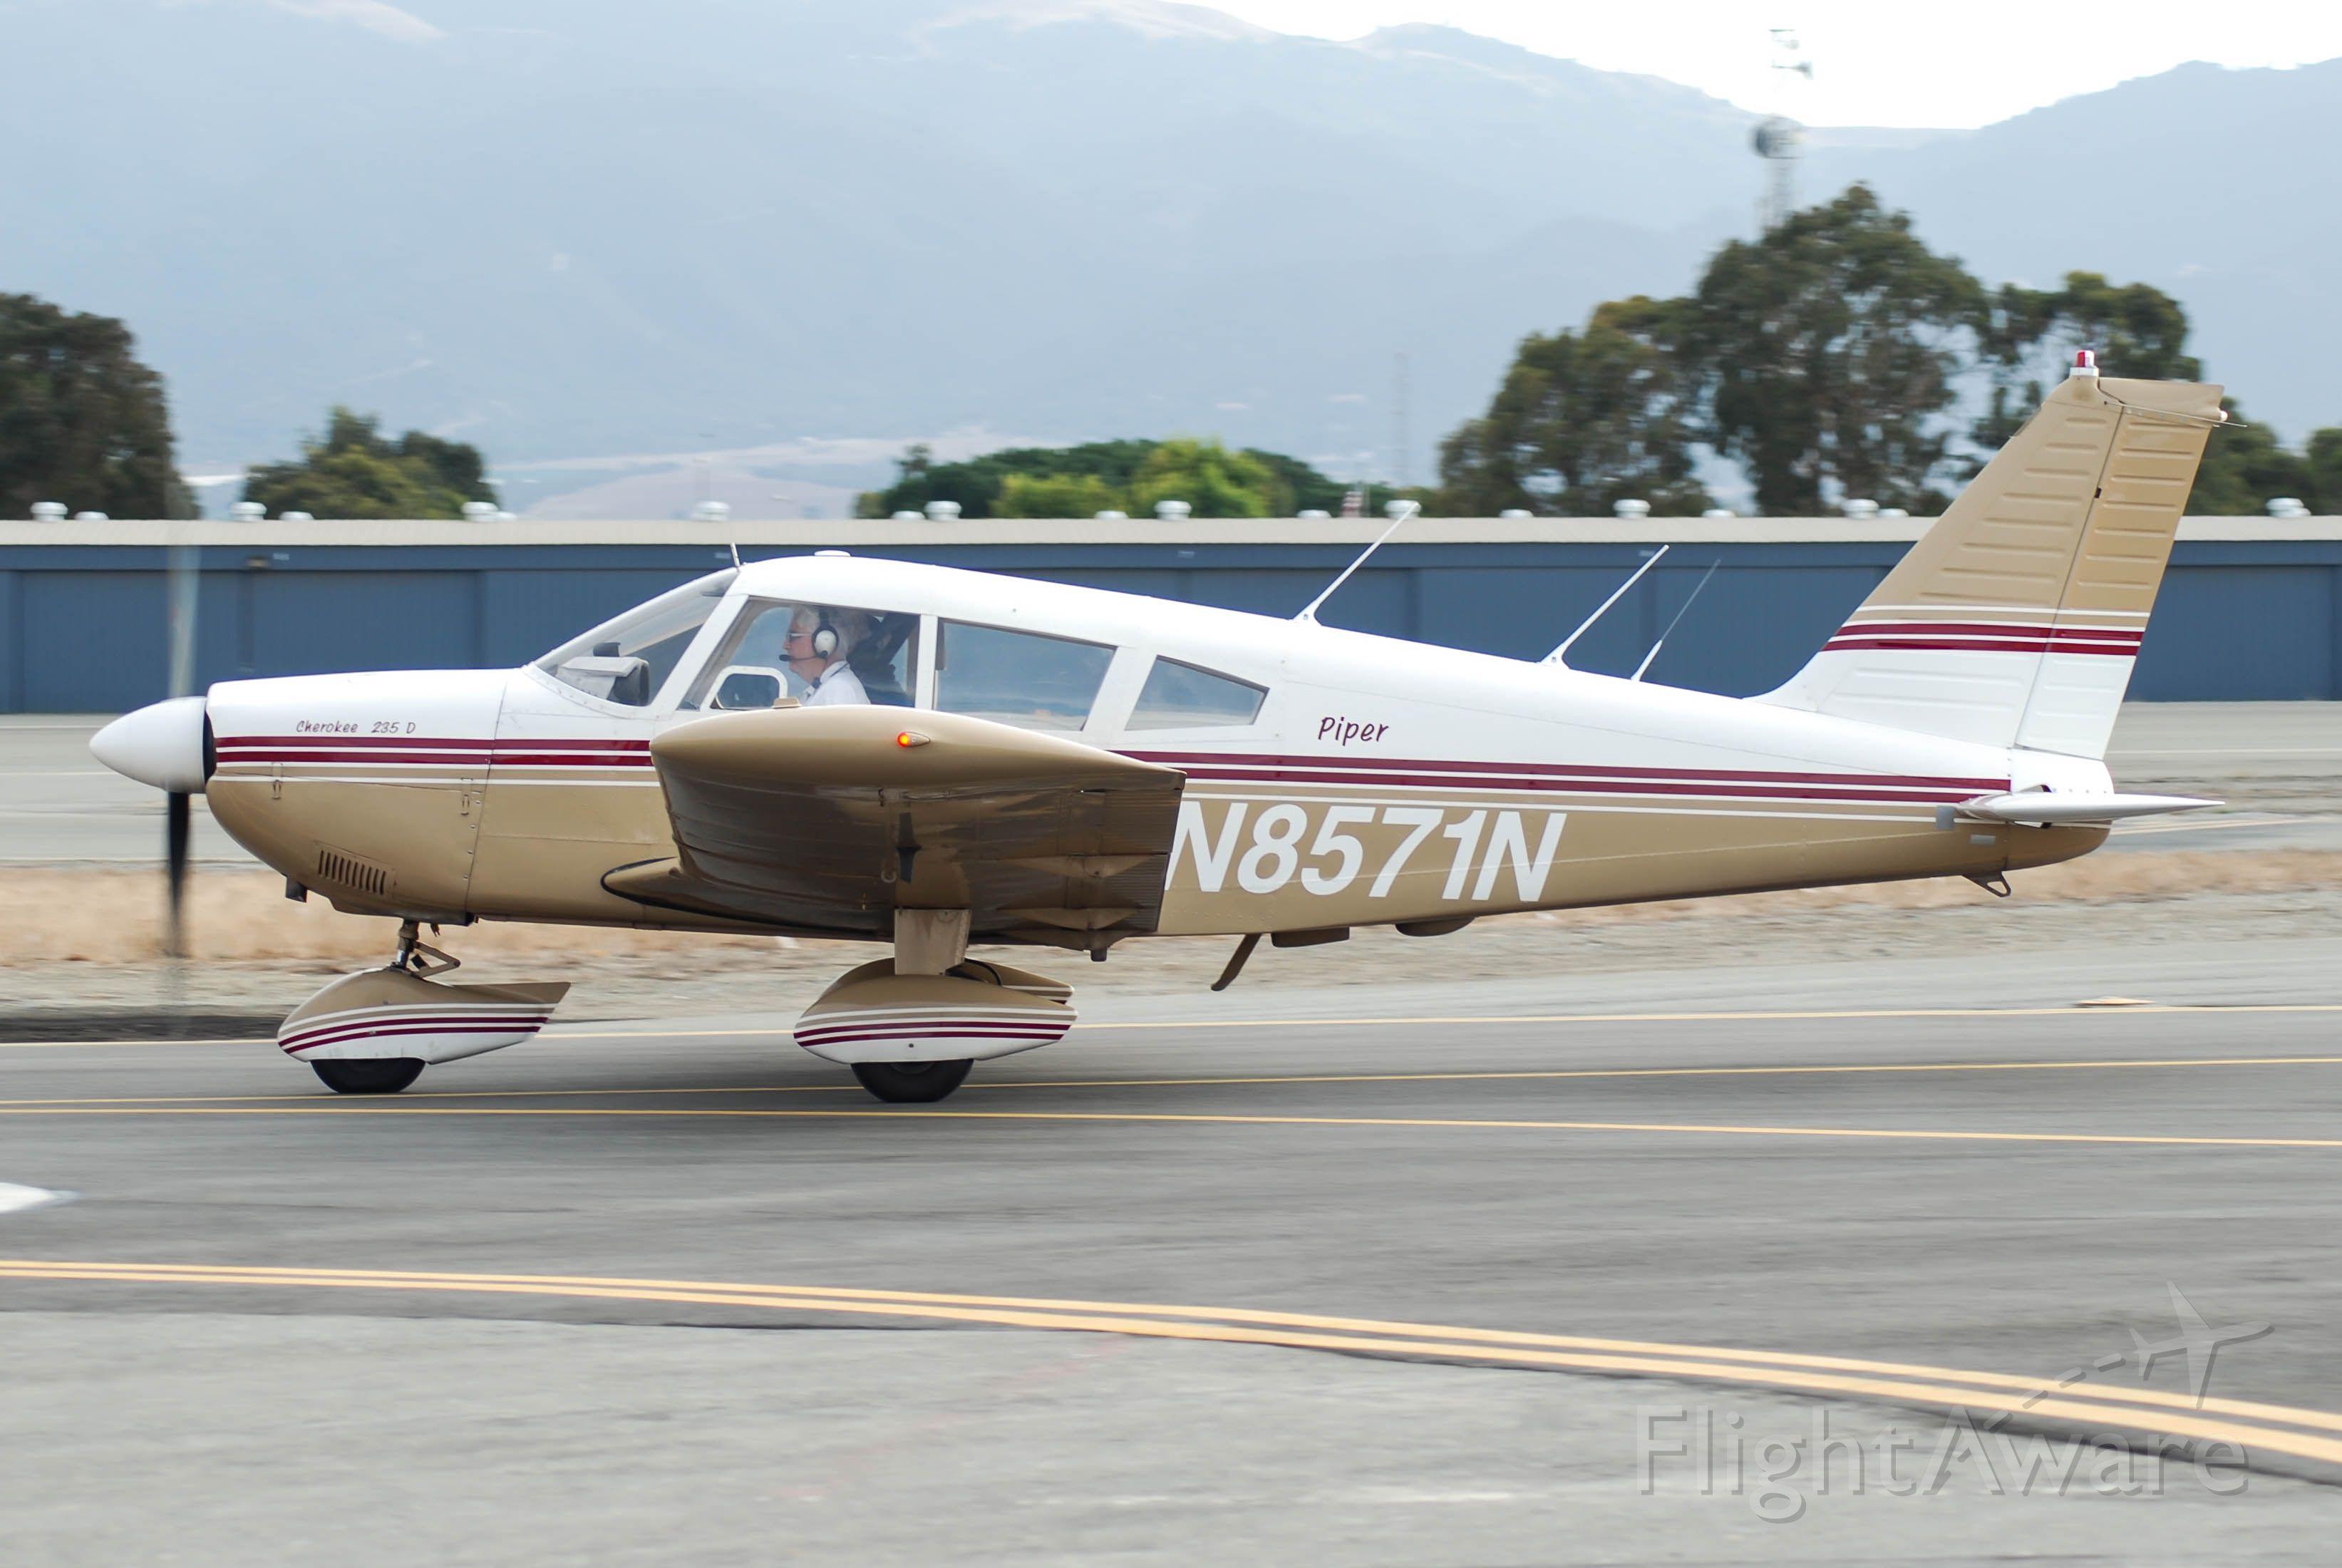 Piper Dakota / Pathfinder (N8571N) - N8571N getting ready to depart on runway 26.